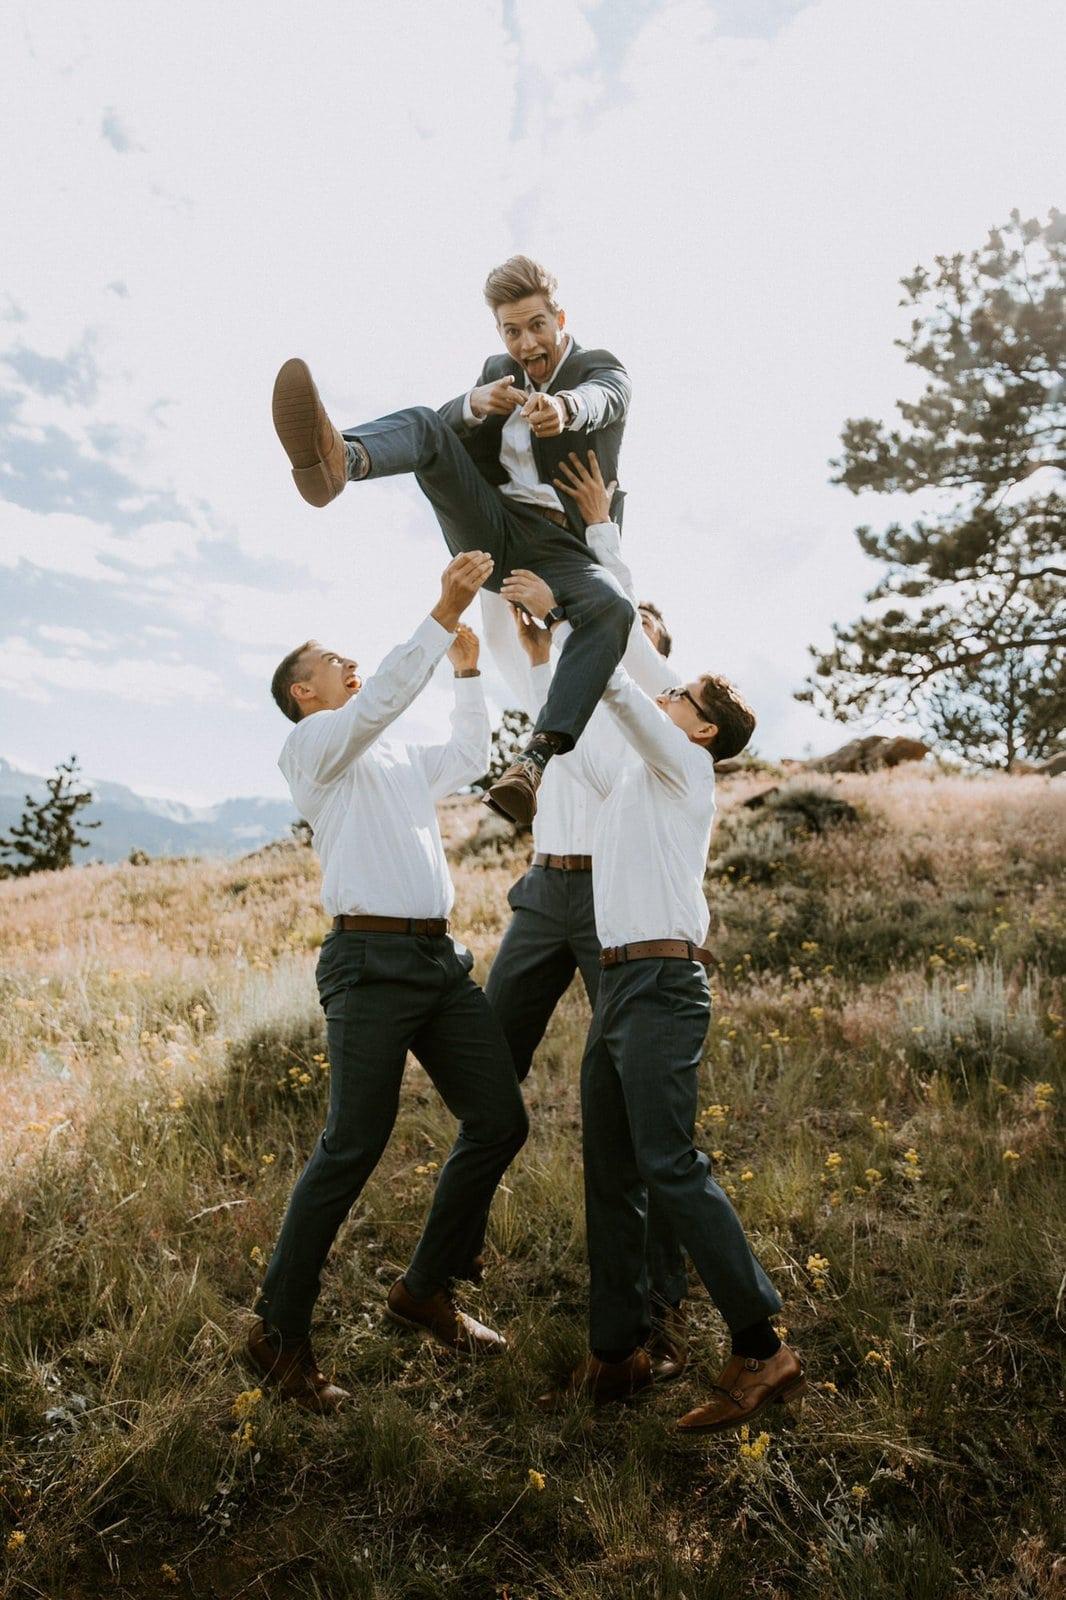 Groomsmen throw groom up in the air.